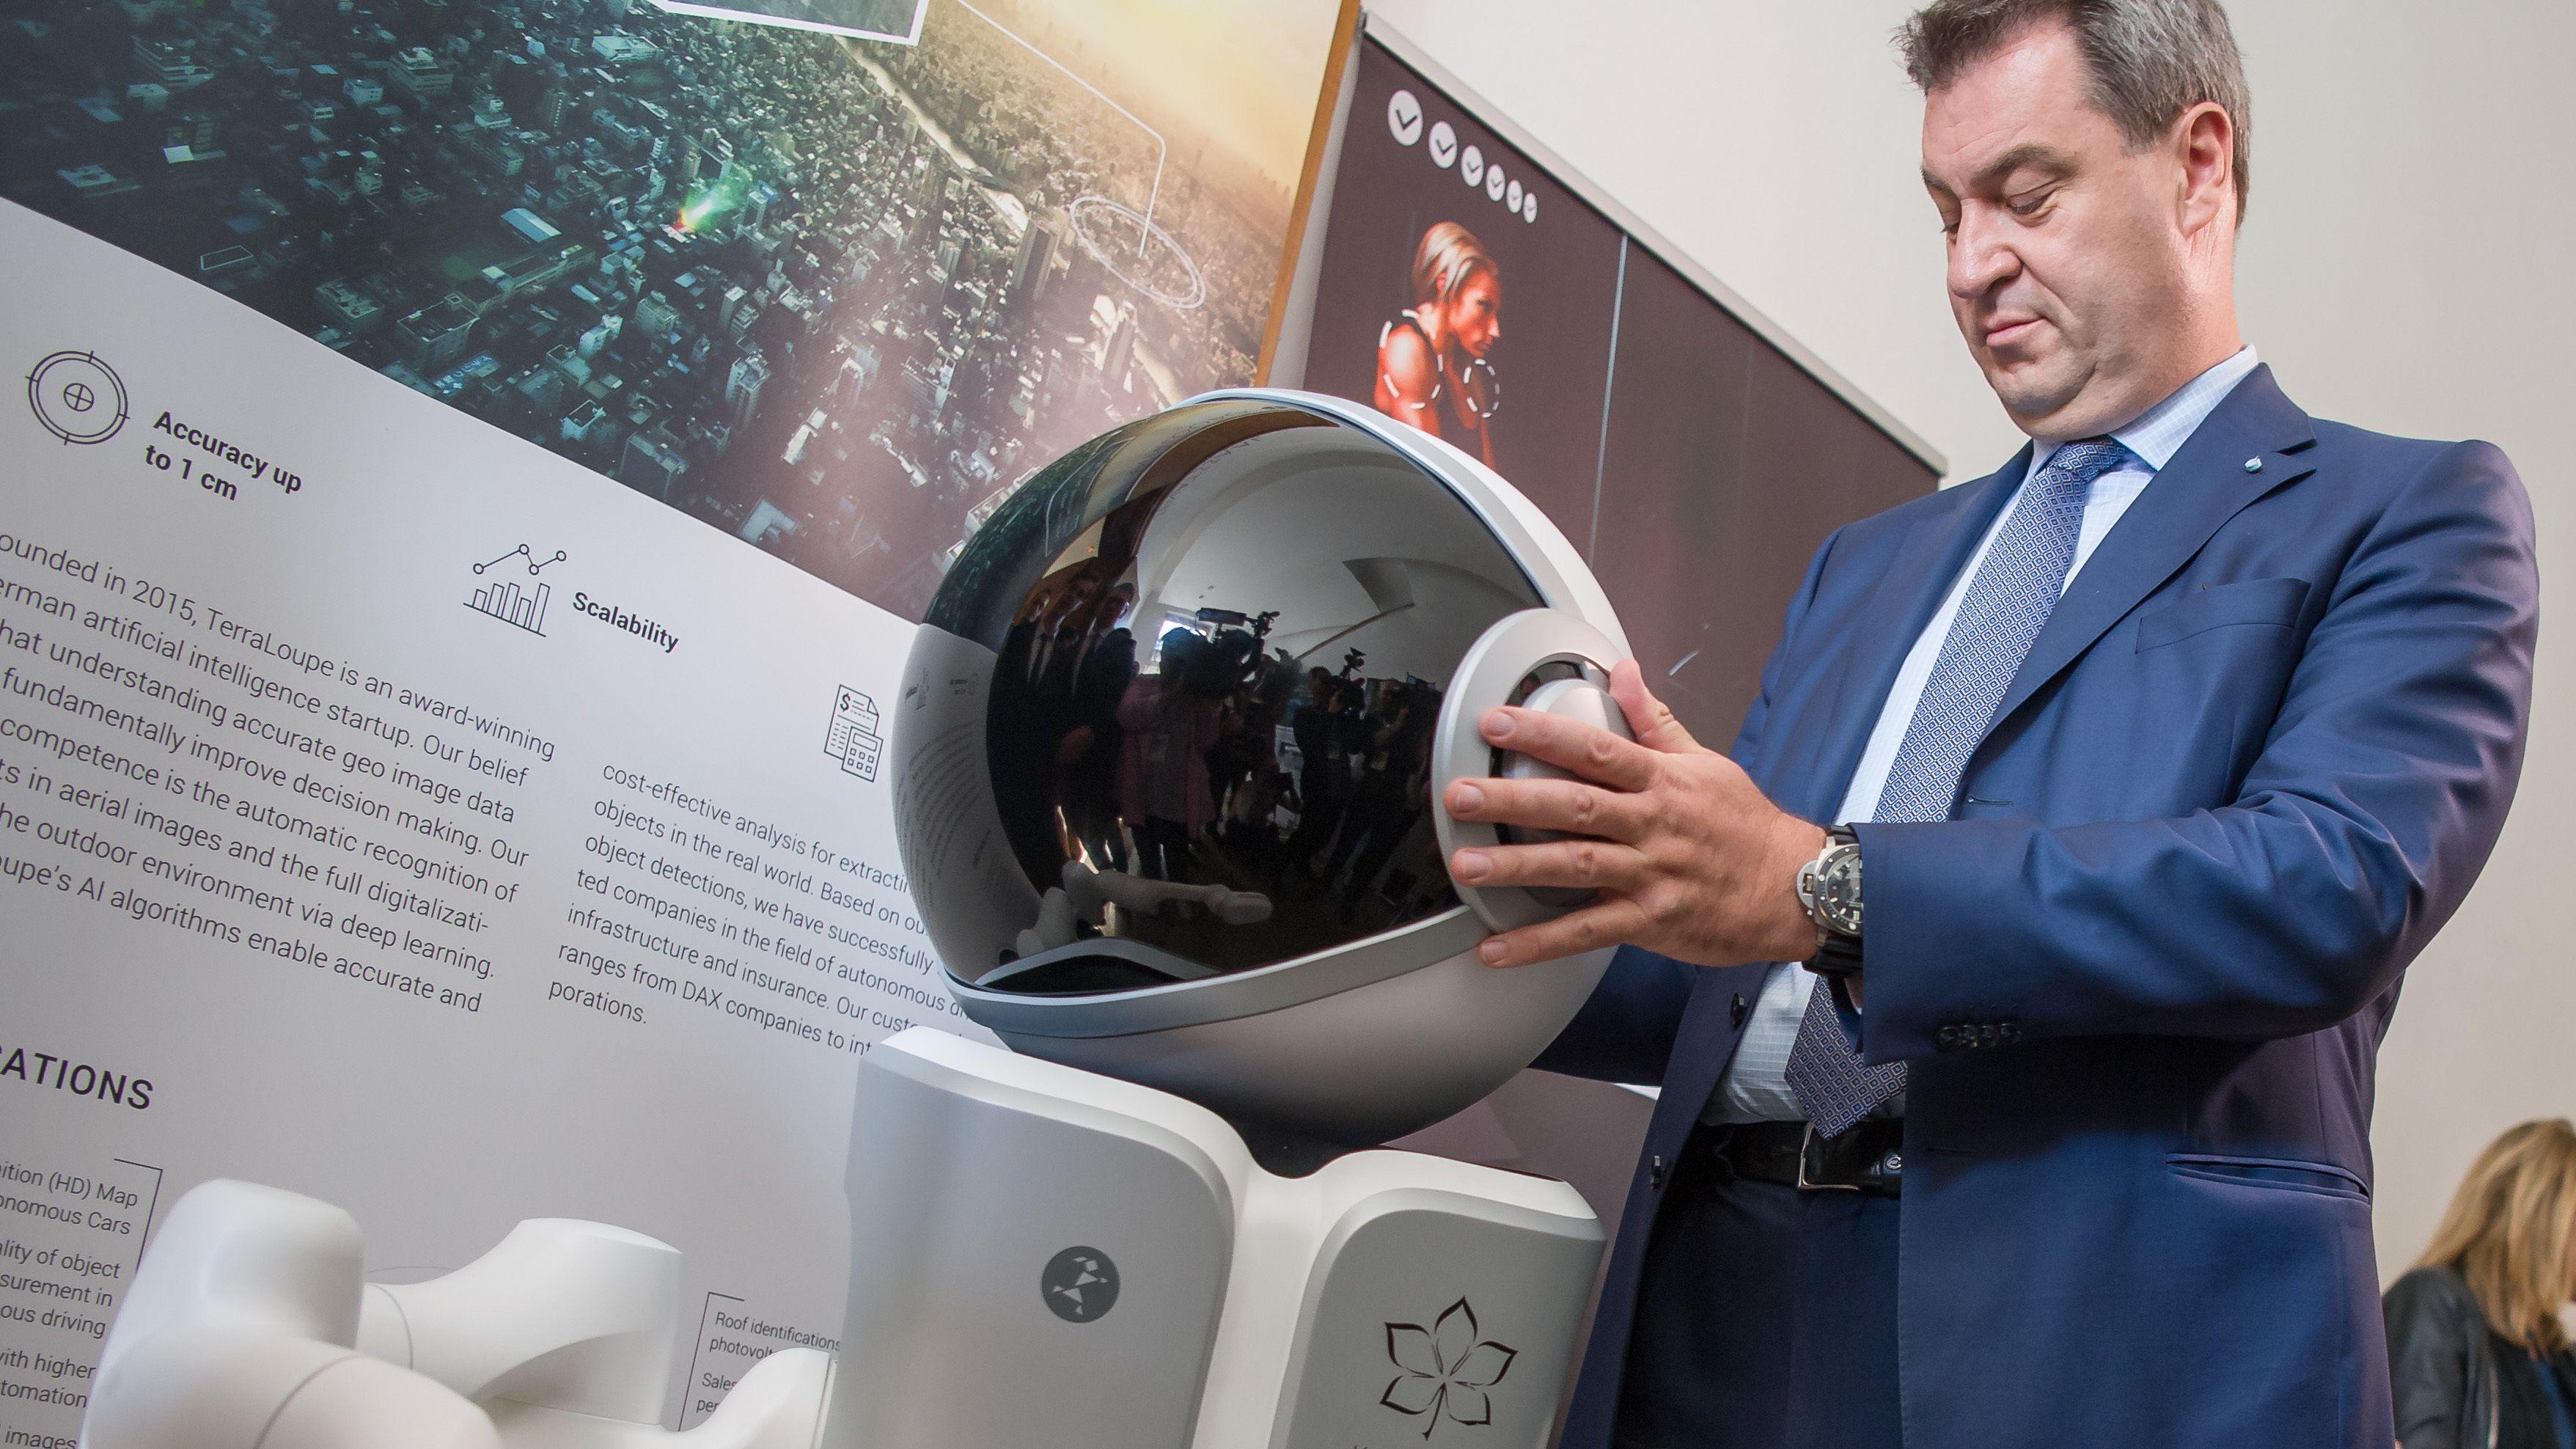 Ministerpräsident Markus Söder betrachtet einen Roboter.